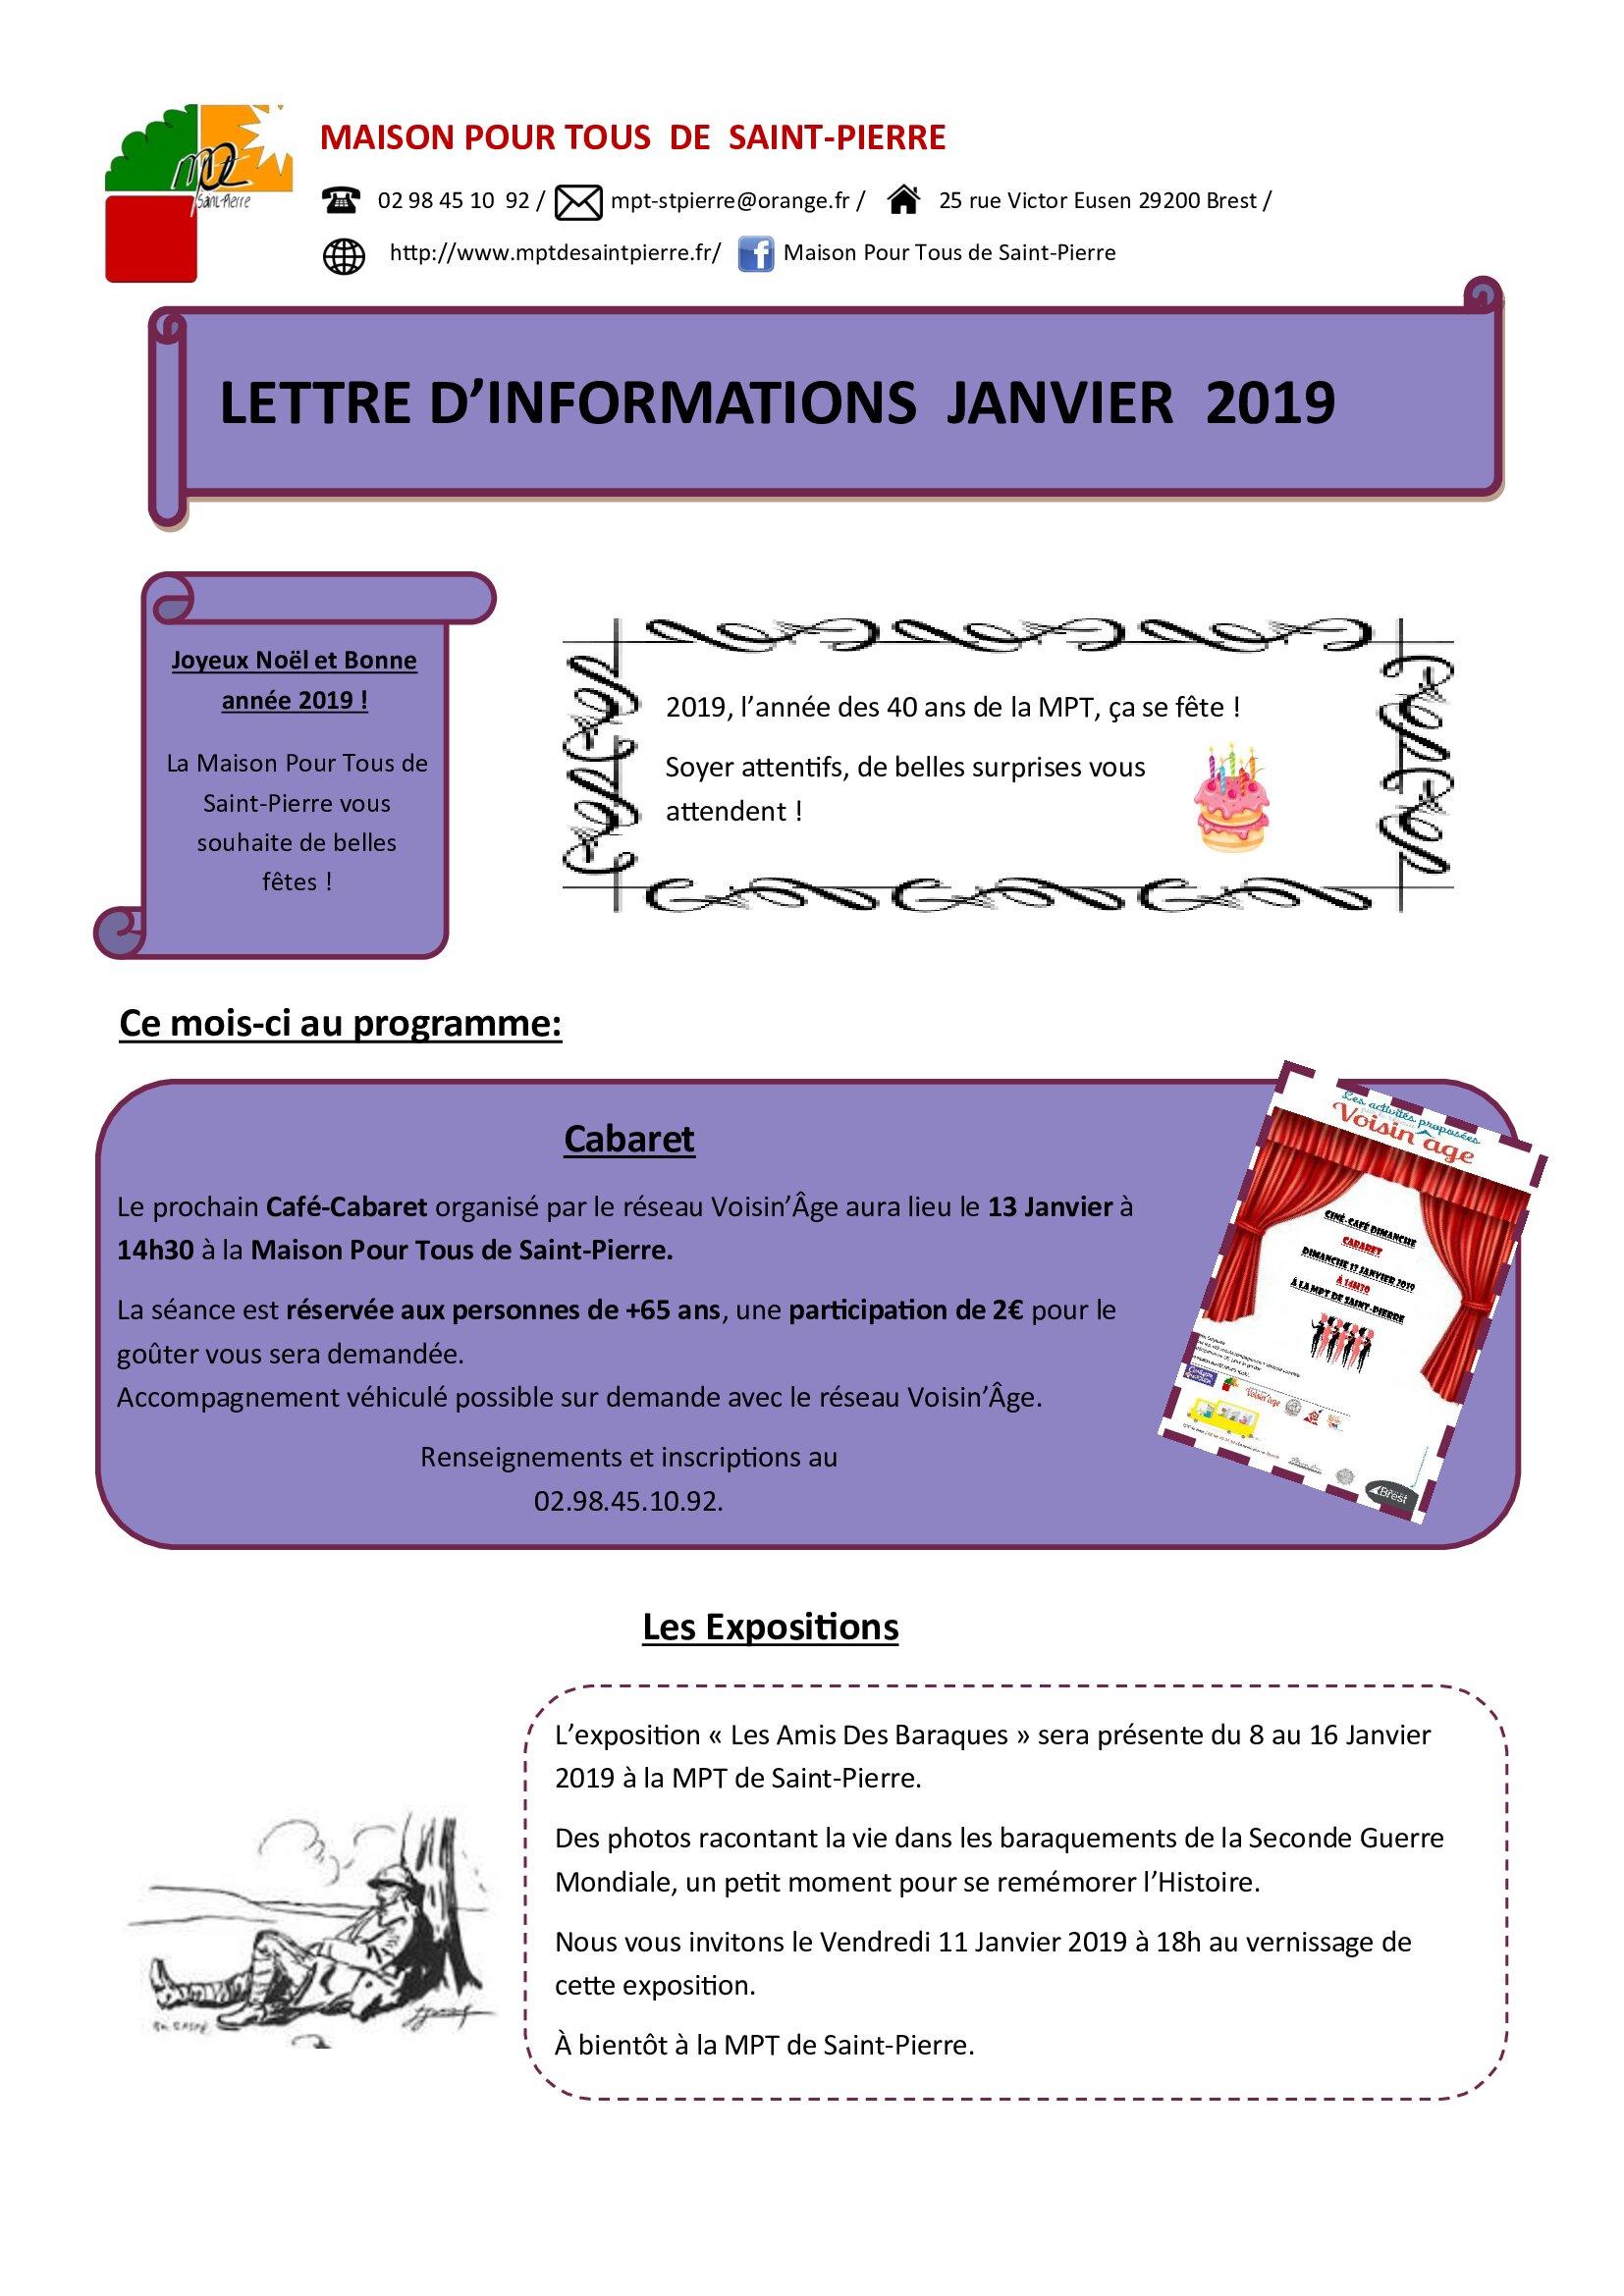 lettre d'information Janvier 2019